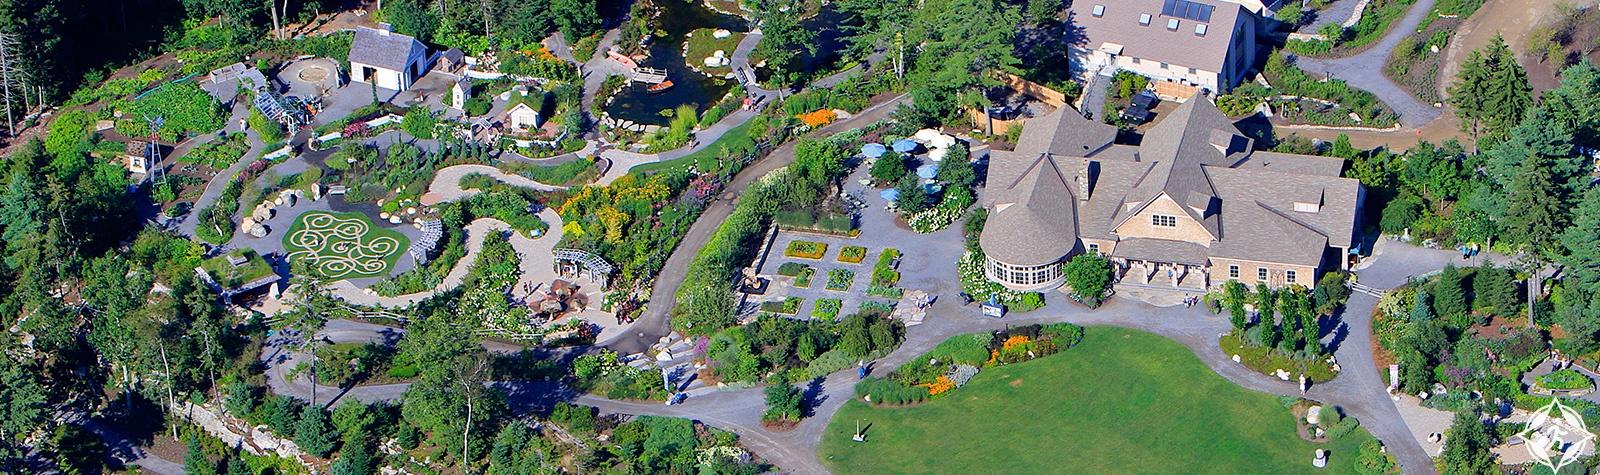 الولايات المتحدة الأمريكية - حدائق ماين الساحلية - ماين